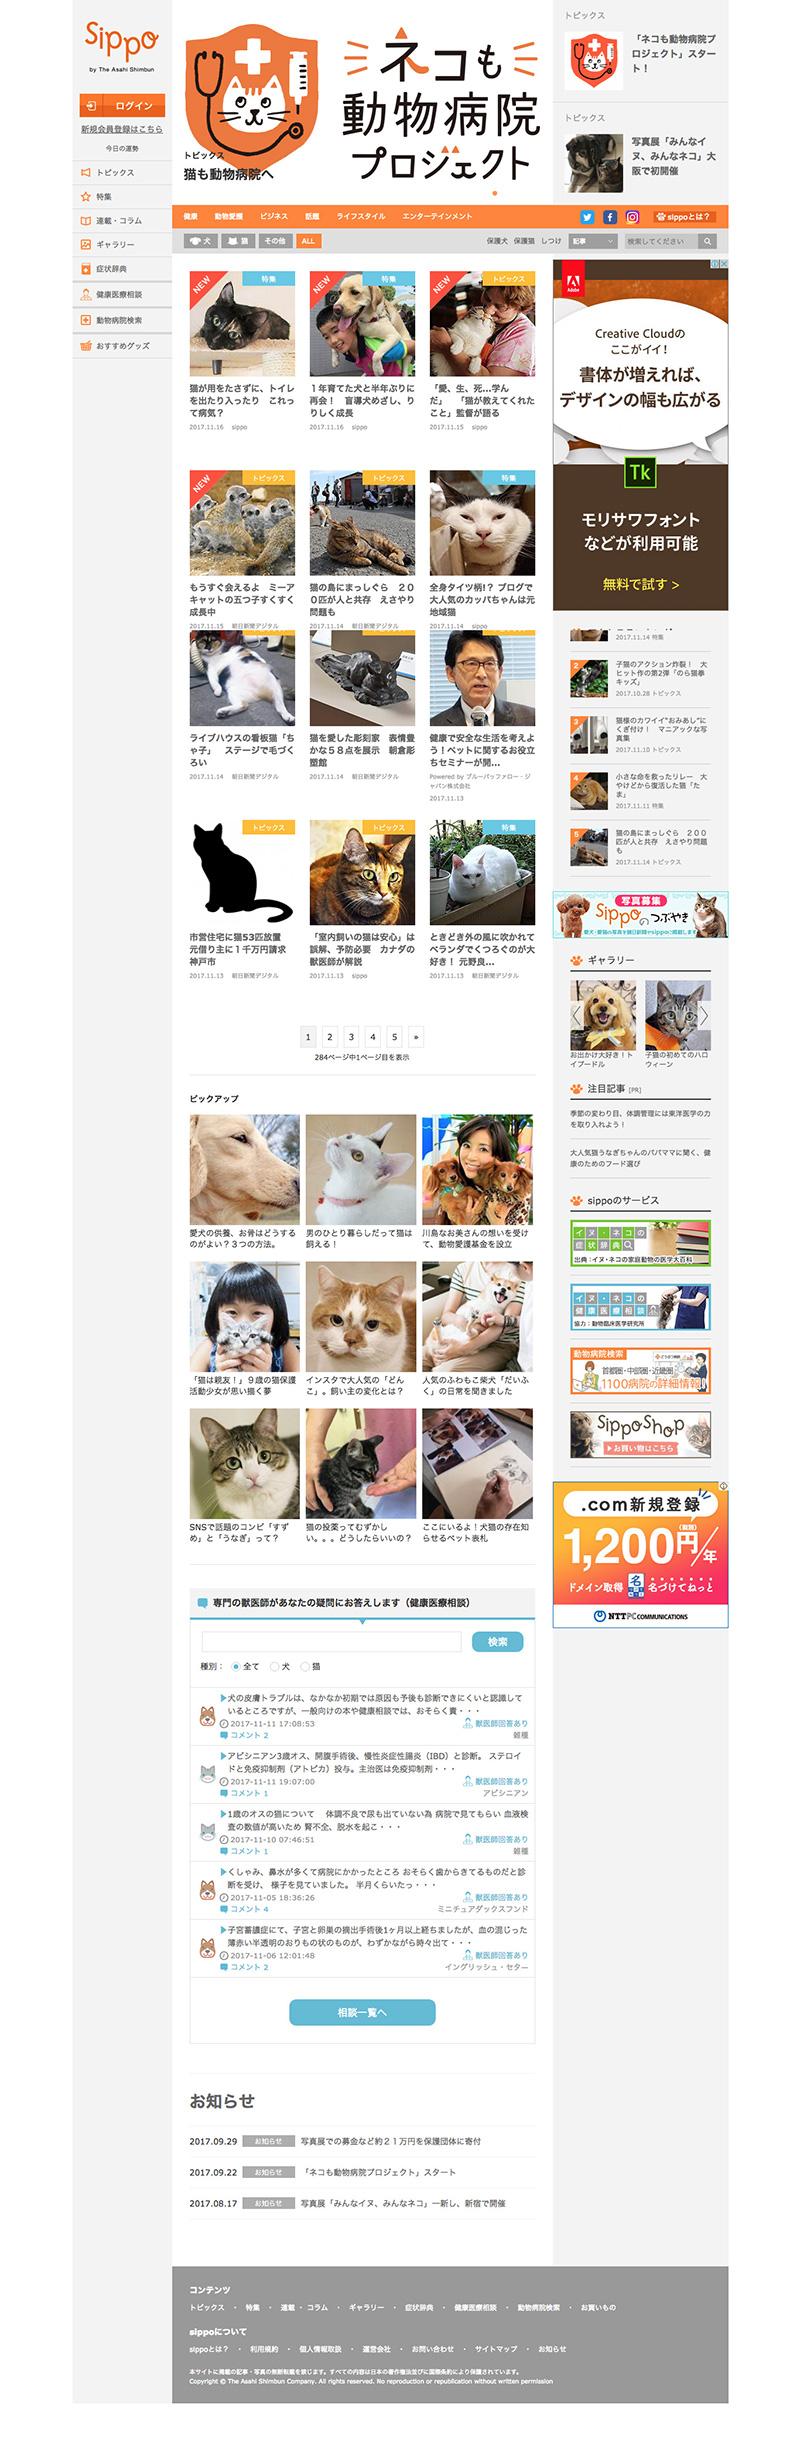 sippo(シッポ) ペットのための情報・サービス